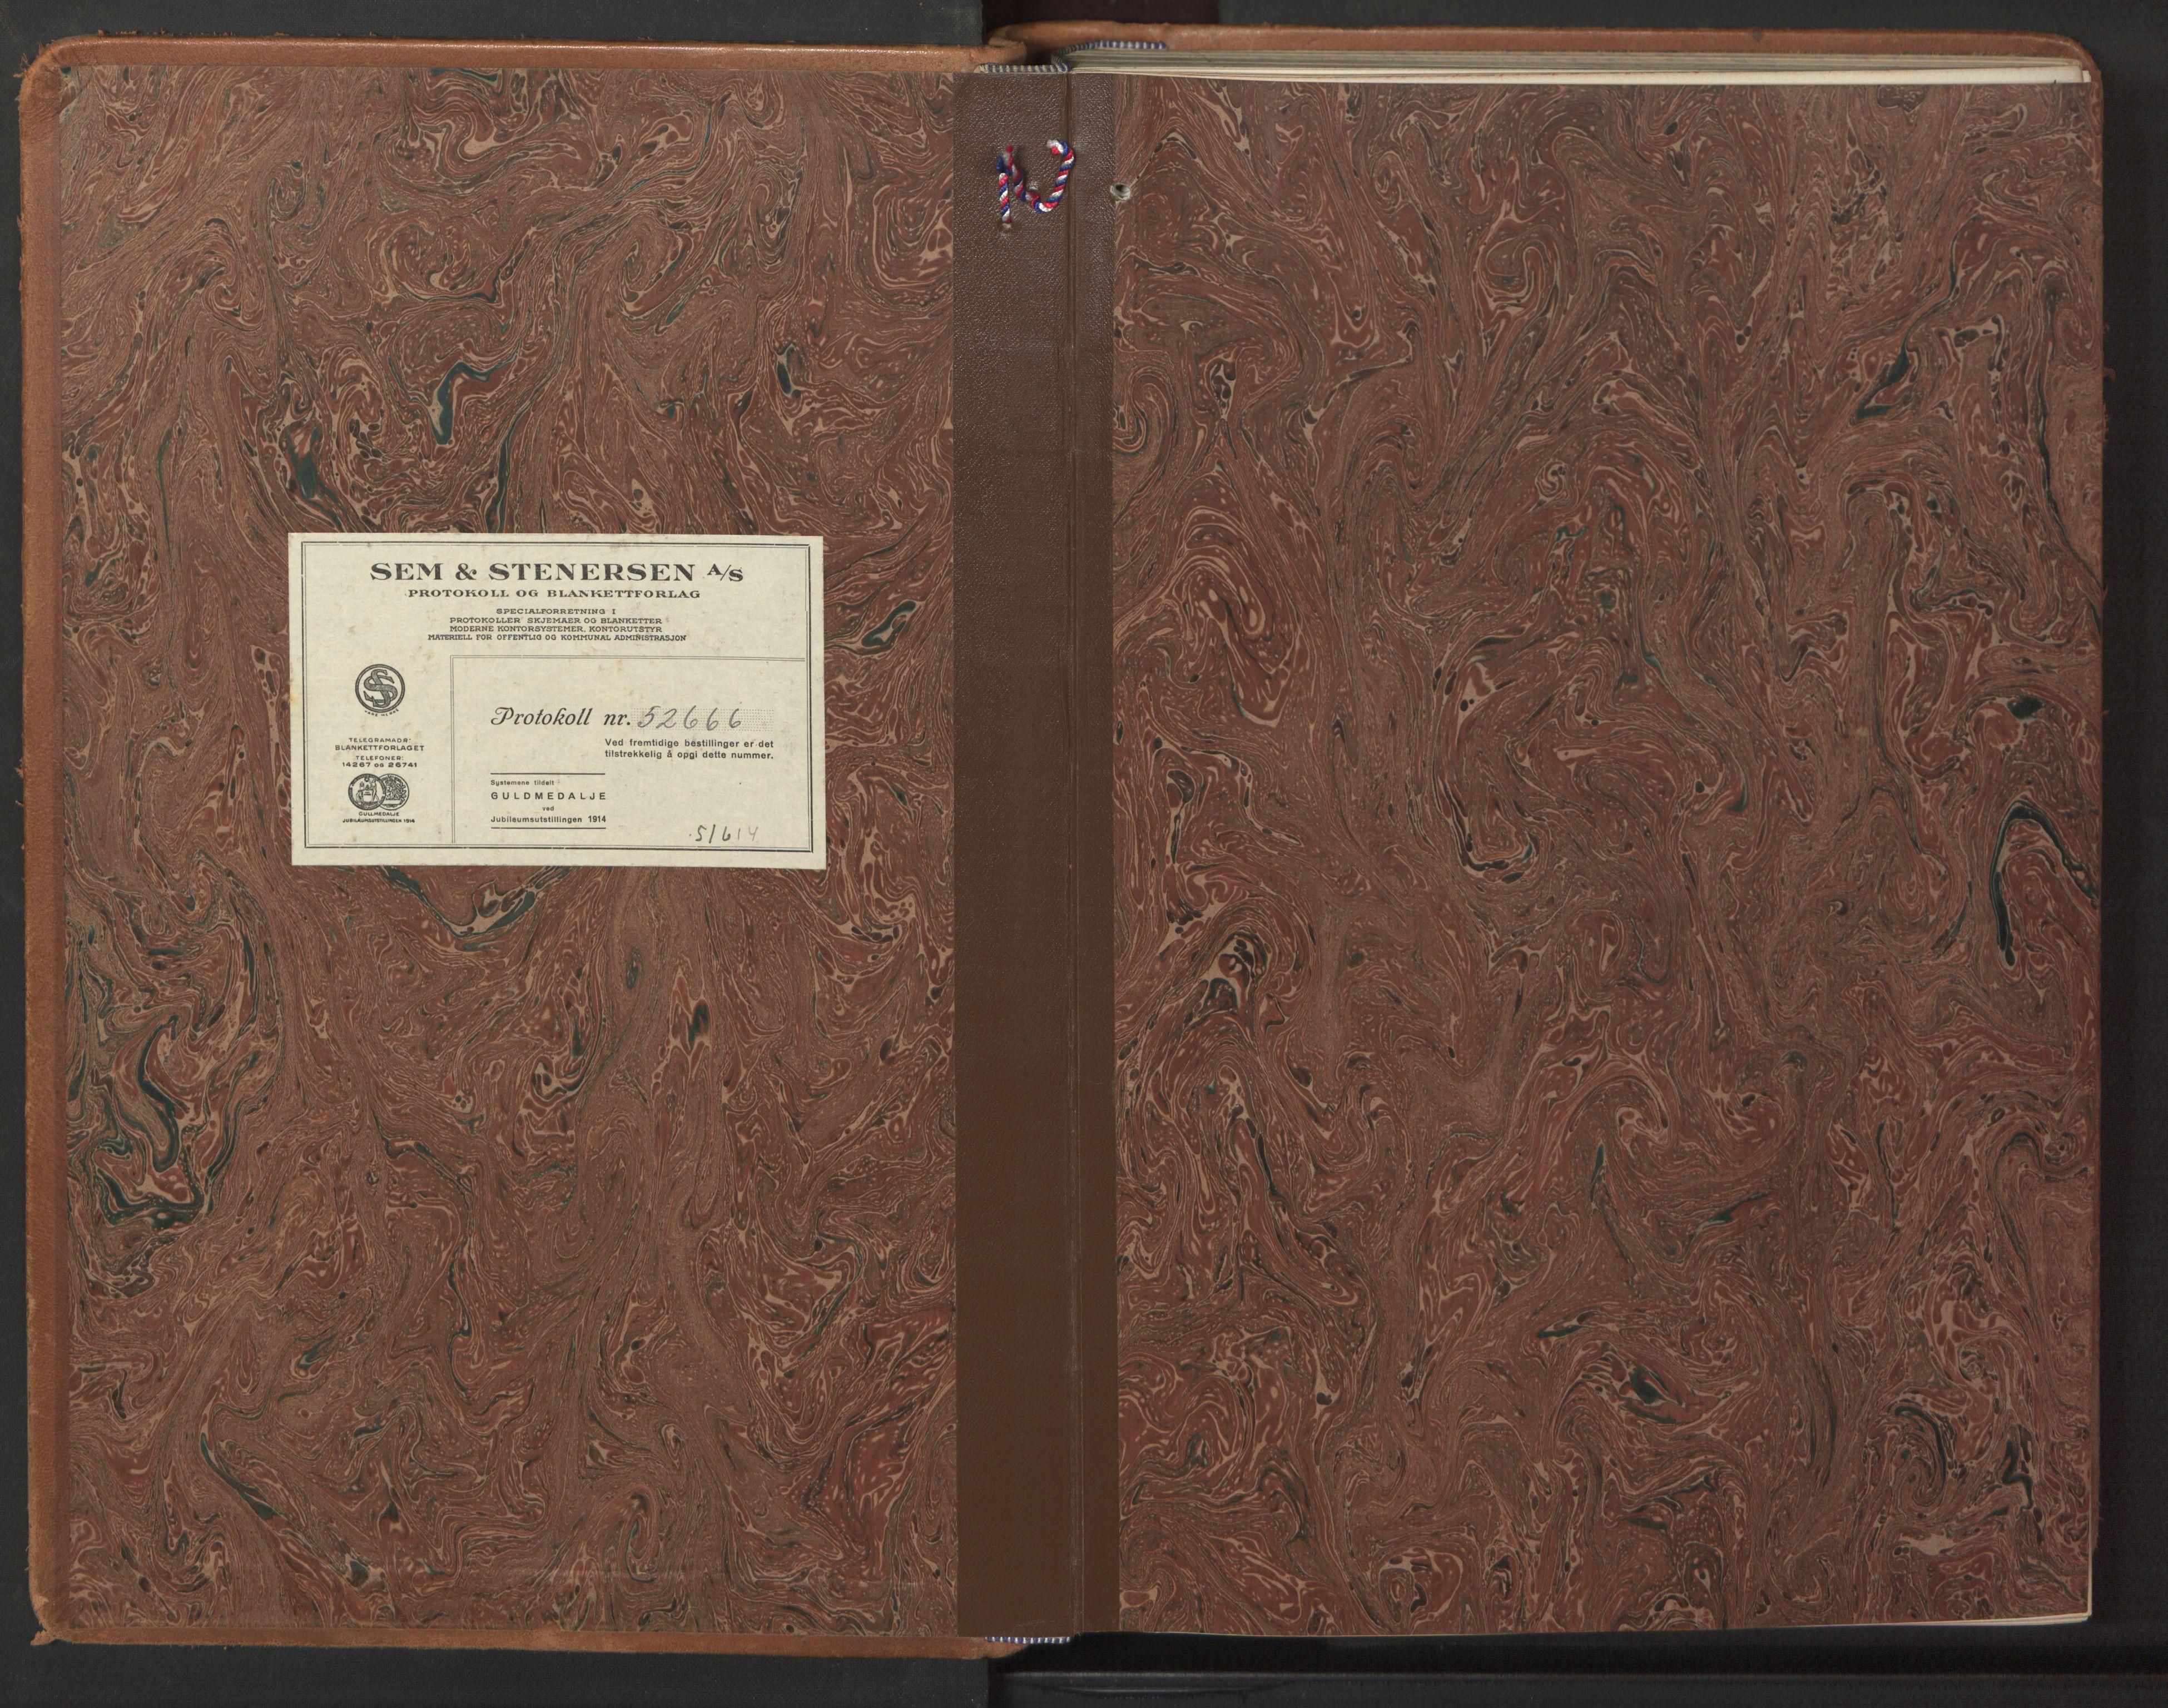 SAT, Ministerialprotokoller, klokkerbøker og fødselsregistre - Sør-Trøndelag, 640/L0590: Klokkerbok nr. 640C07, 1935-1948